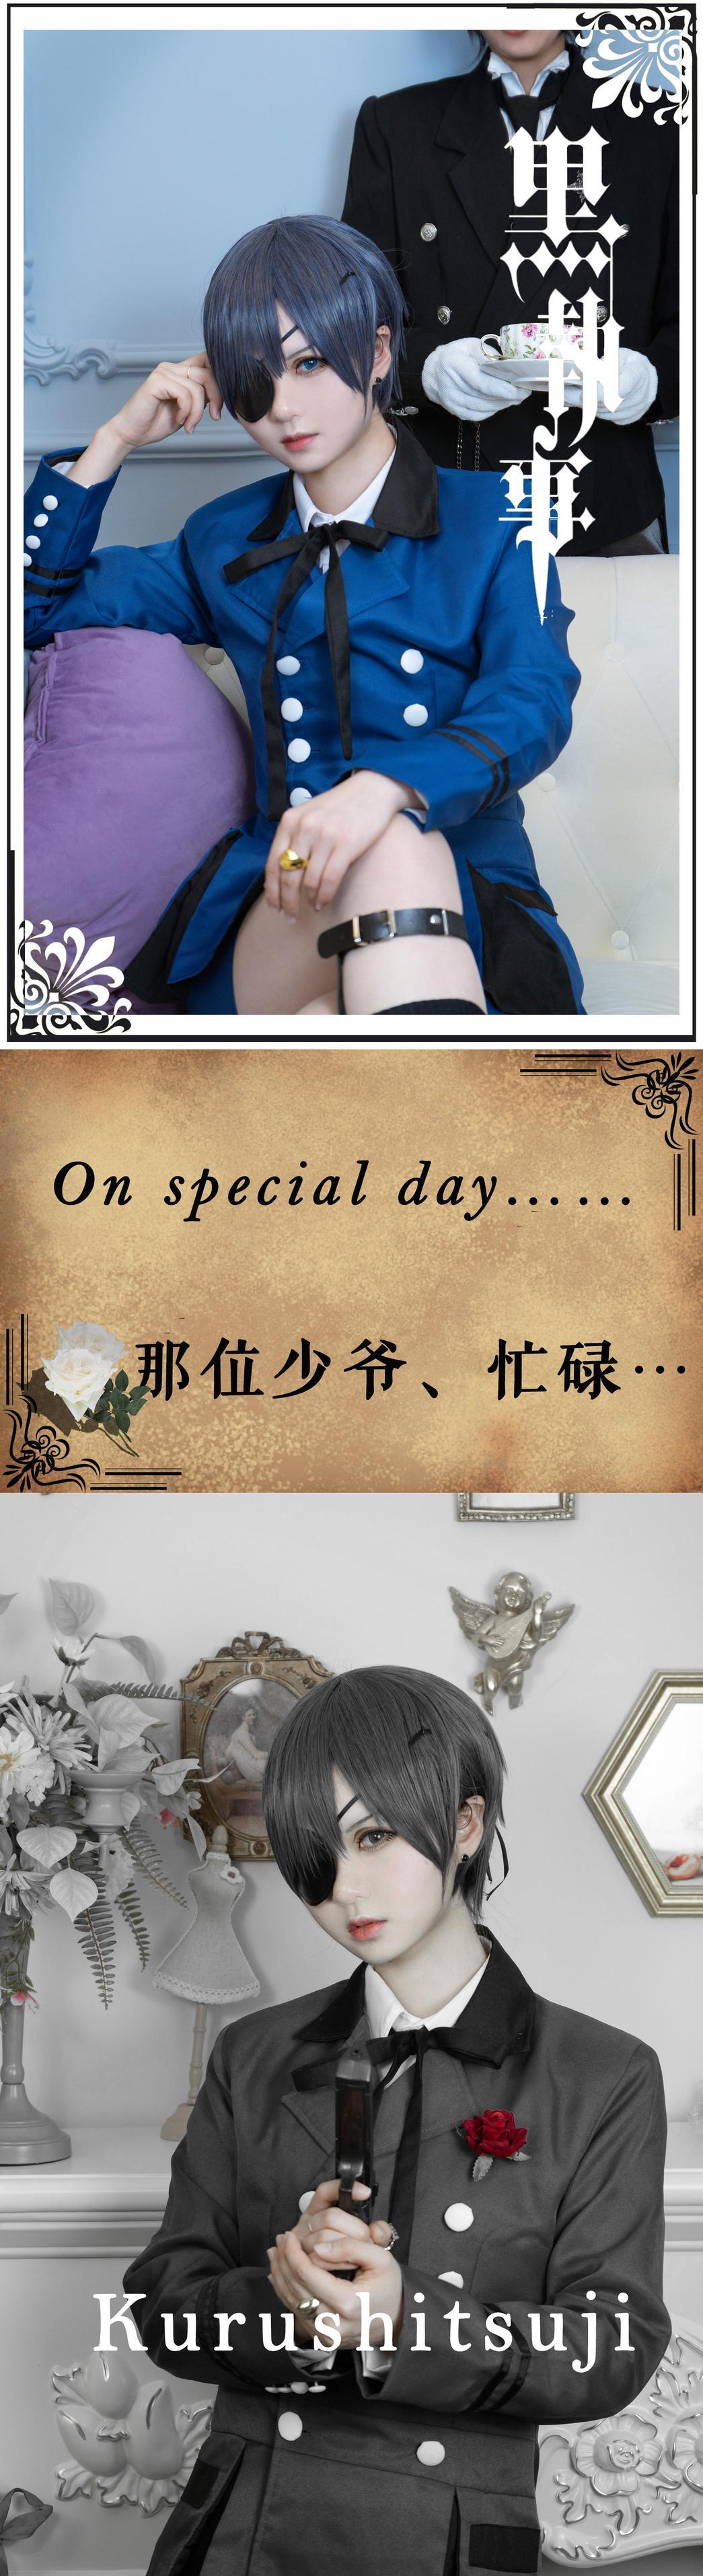 《黑执事》真人cosplay【CN:喵子大王巡山归来】 -邪恶cosplay图片插图